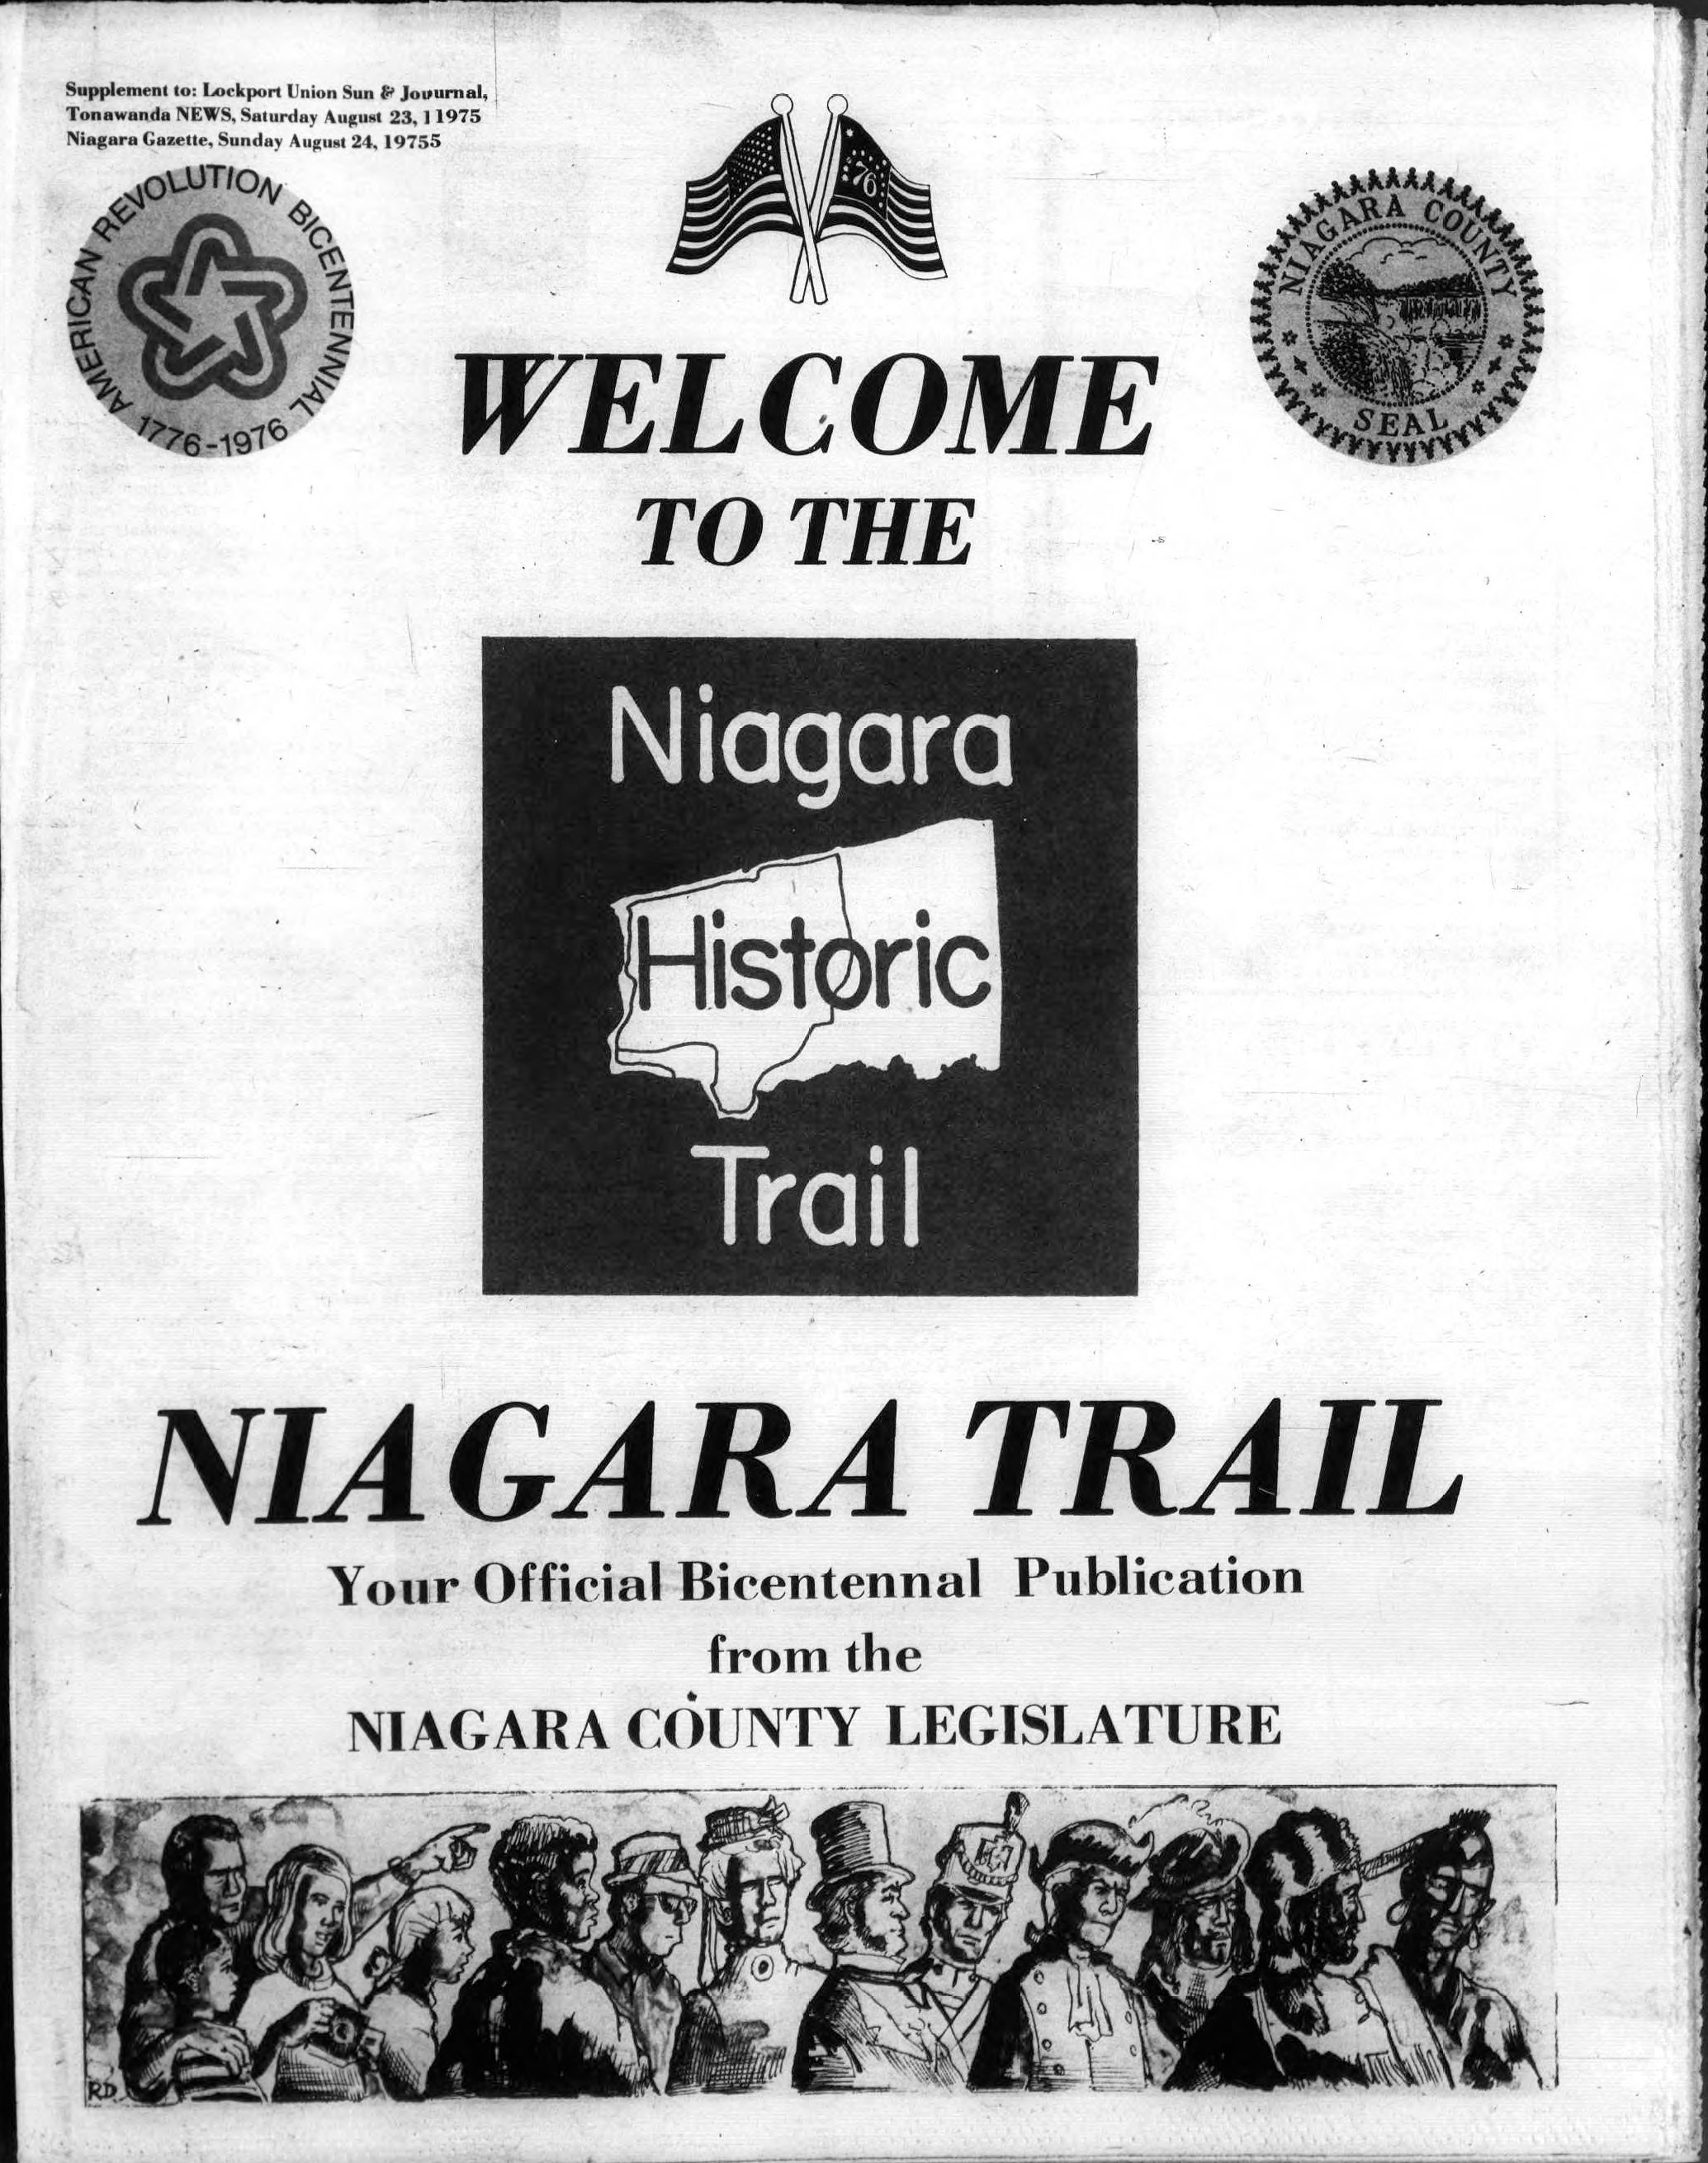 Niagara Trail Bicentennial Publication, cover (Ton News 1975-08-23).jpg